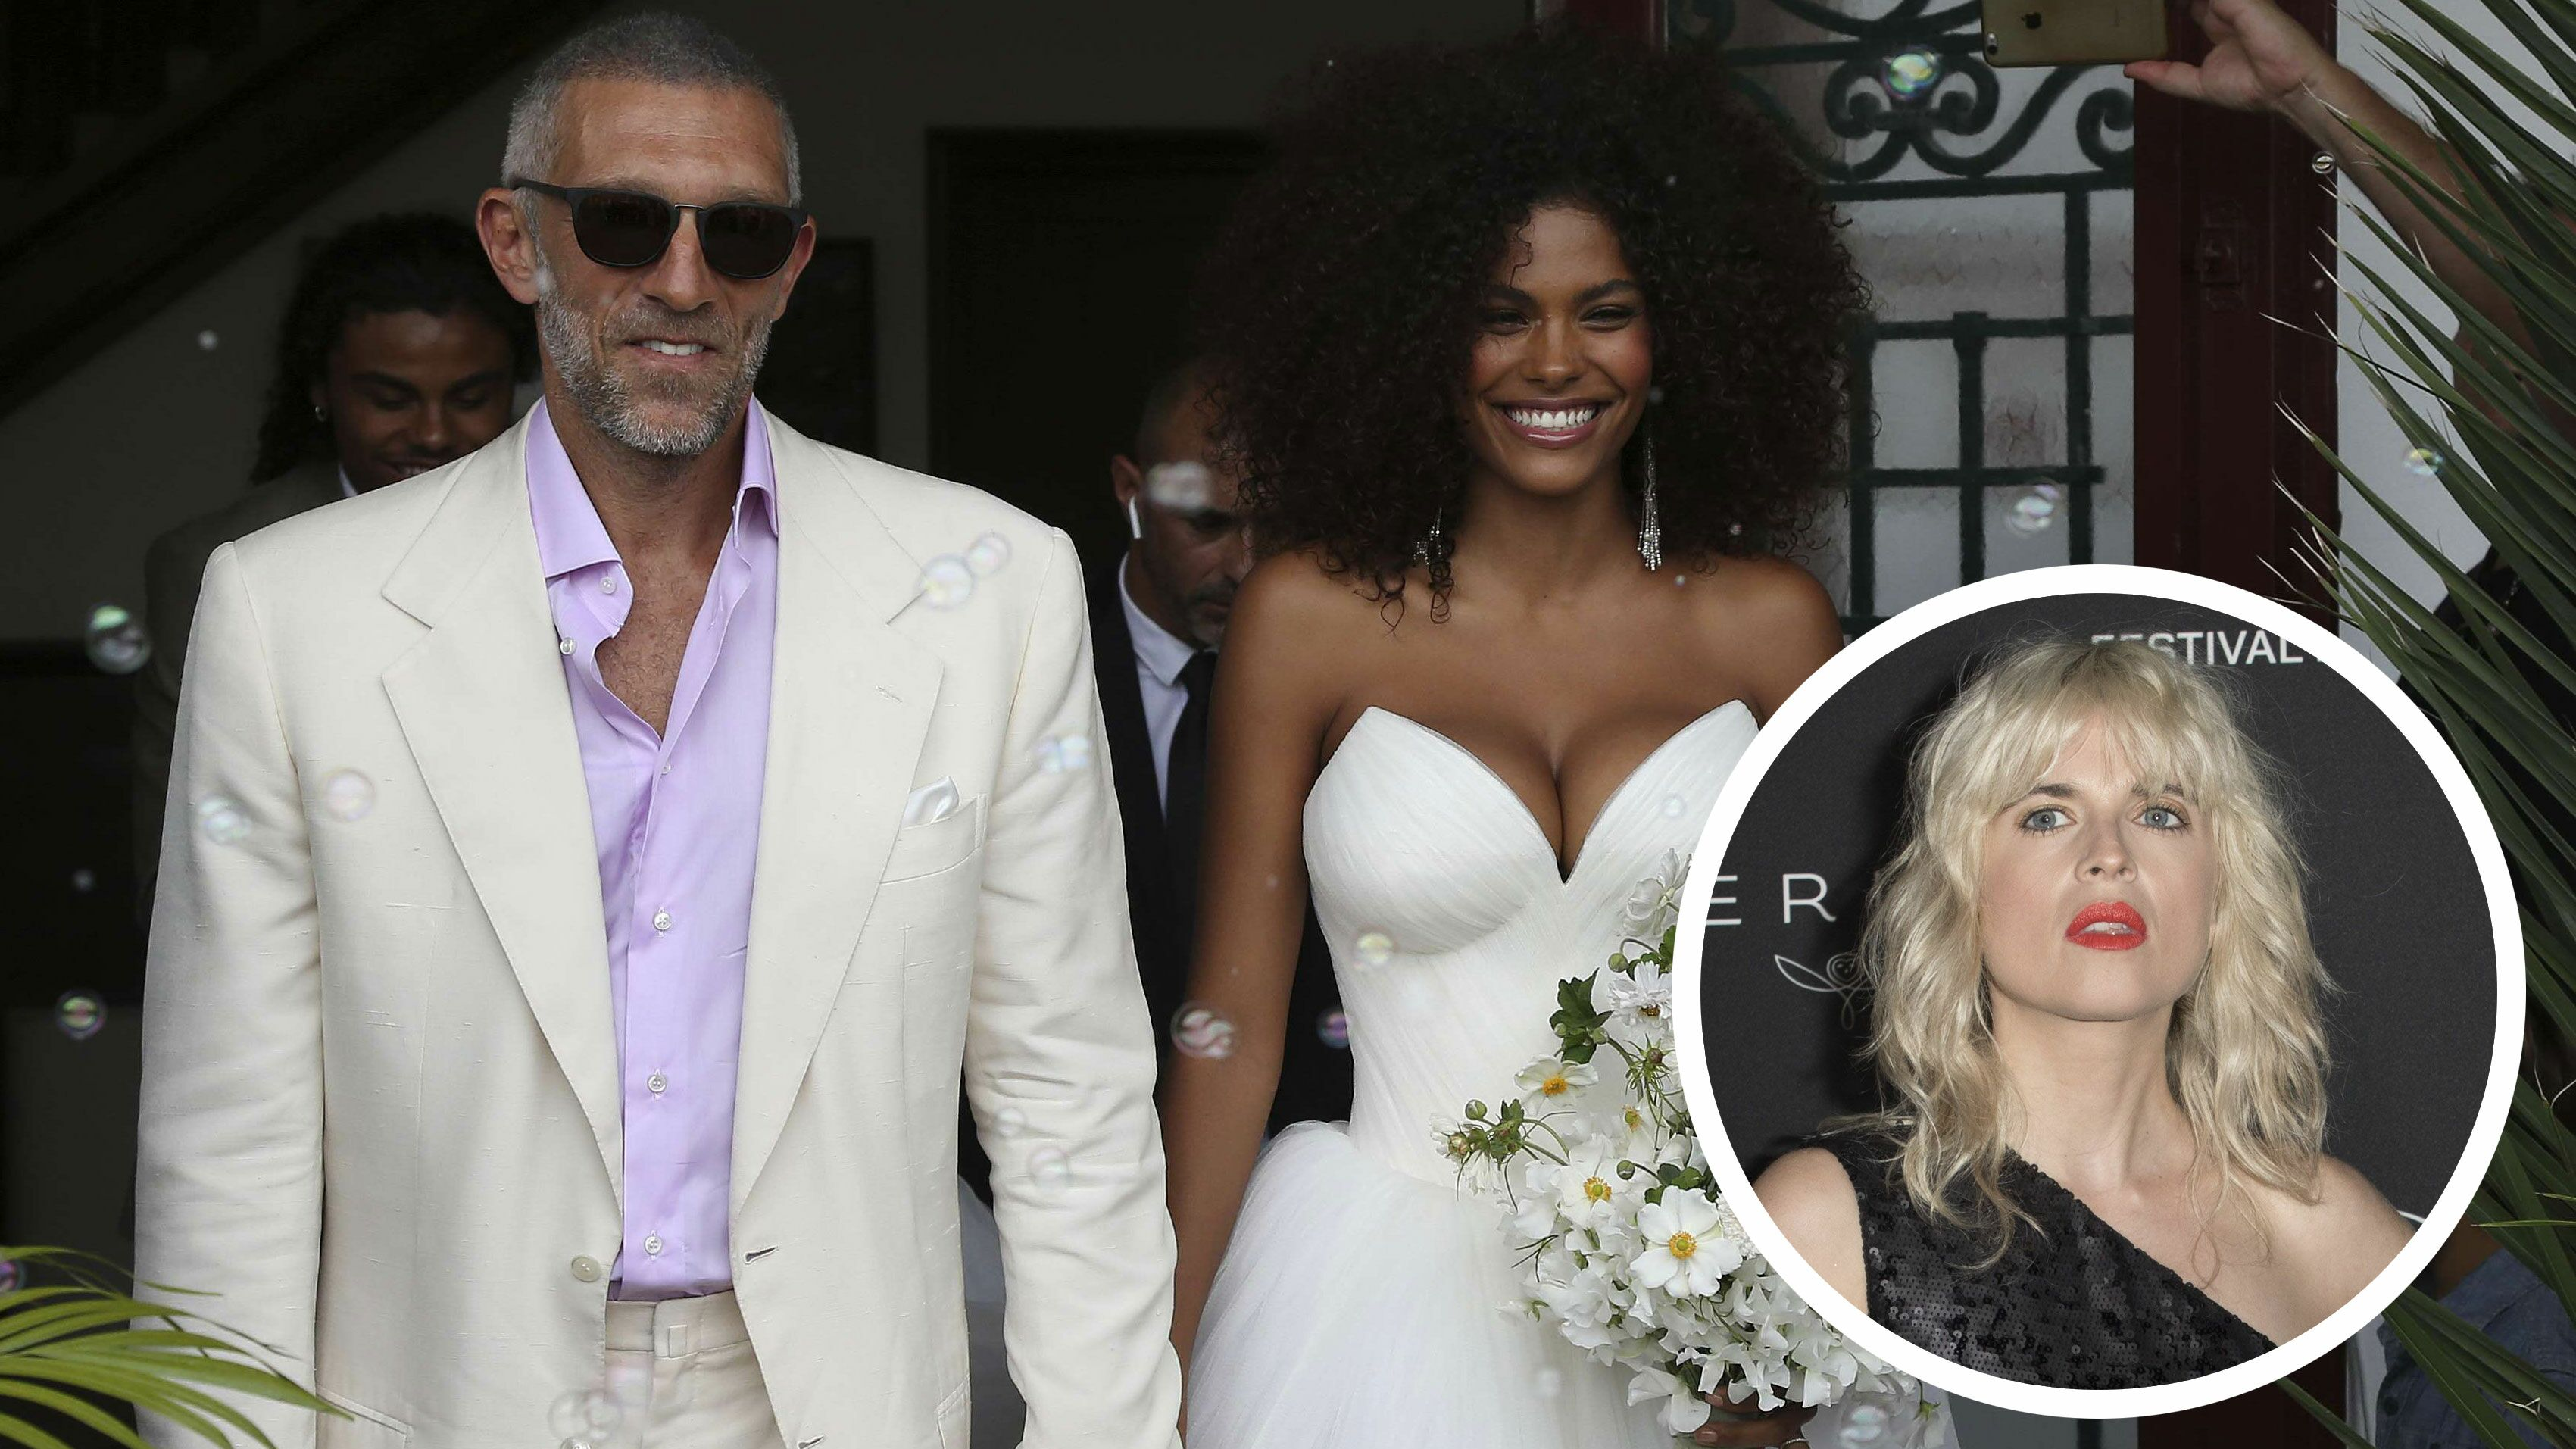 Mariage de Vincent Cassel  découvrez l\u0027émouvante surprise de sa sœur  Cécile le jour de la cérémonie , Voici